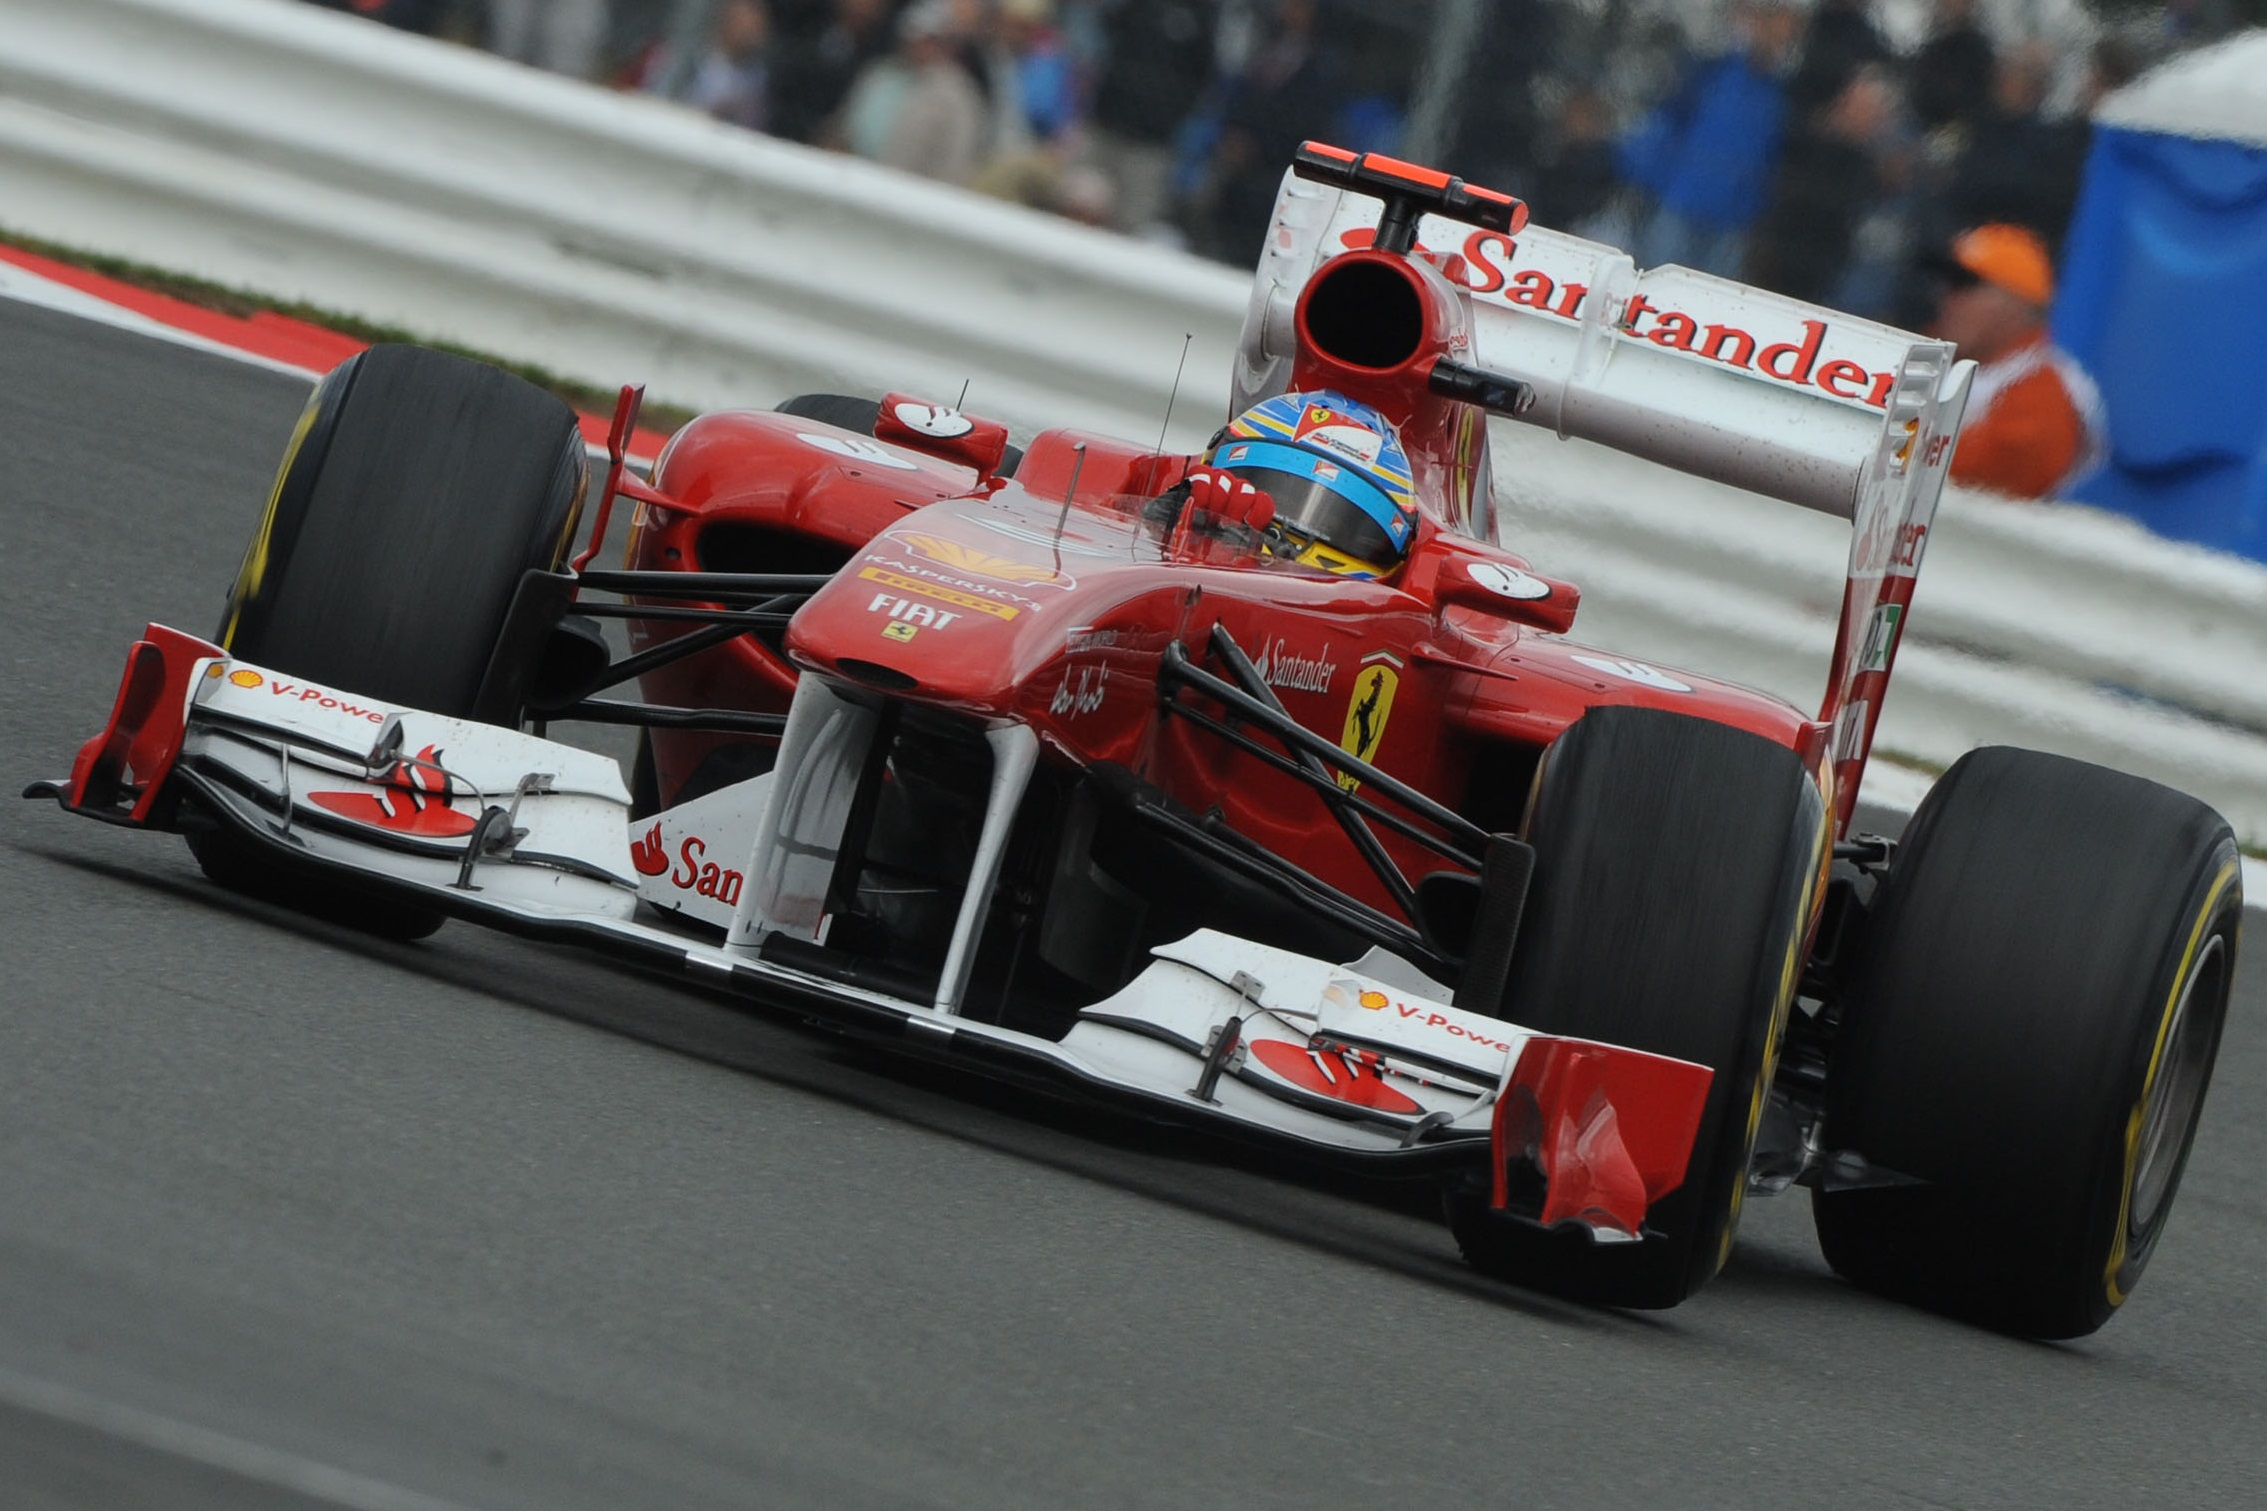 fernando-alonso-ferrari-150th-italia-great-britain-gp-silverstone-f1-2011-victory-front-push-rod-suspension